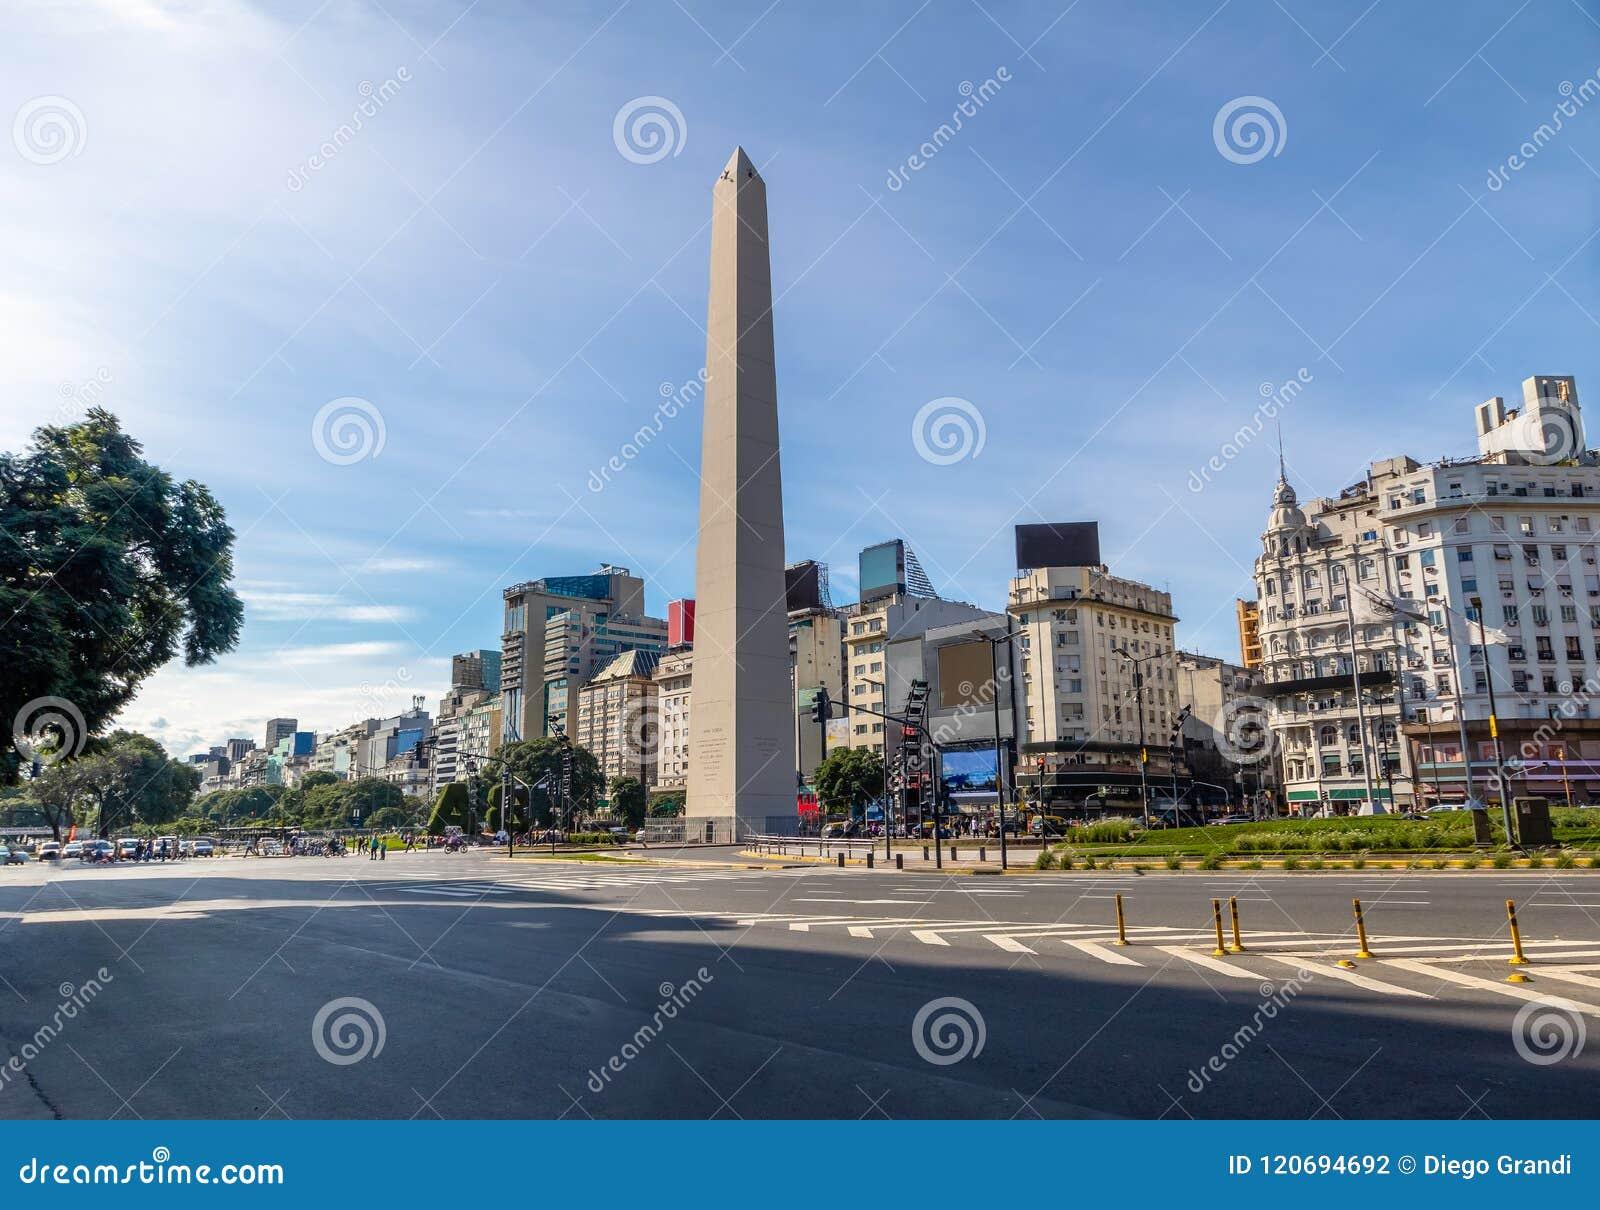 De Obelisk van Buenos aires in Plaza DE La Republica - Buenos aires, Argentinië